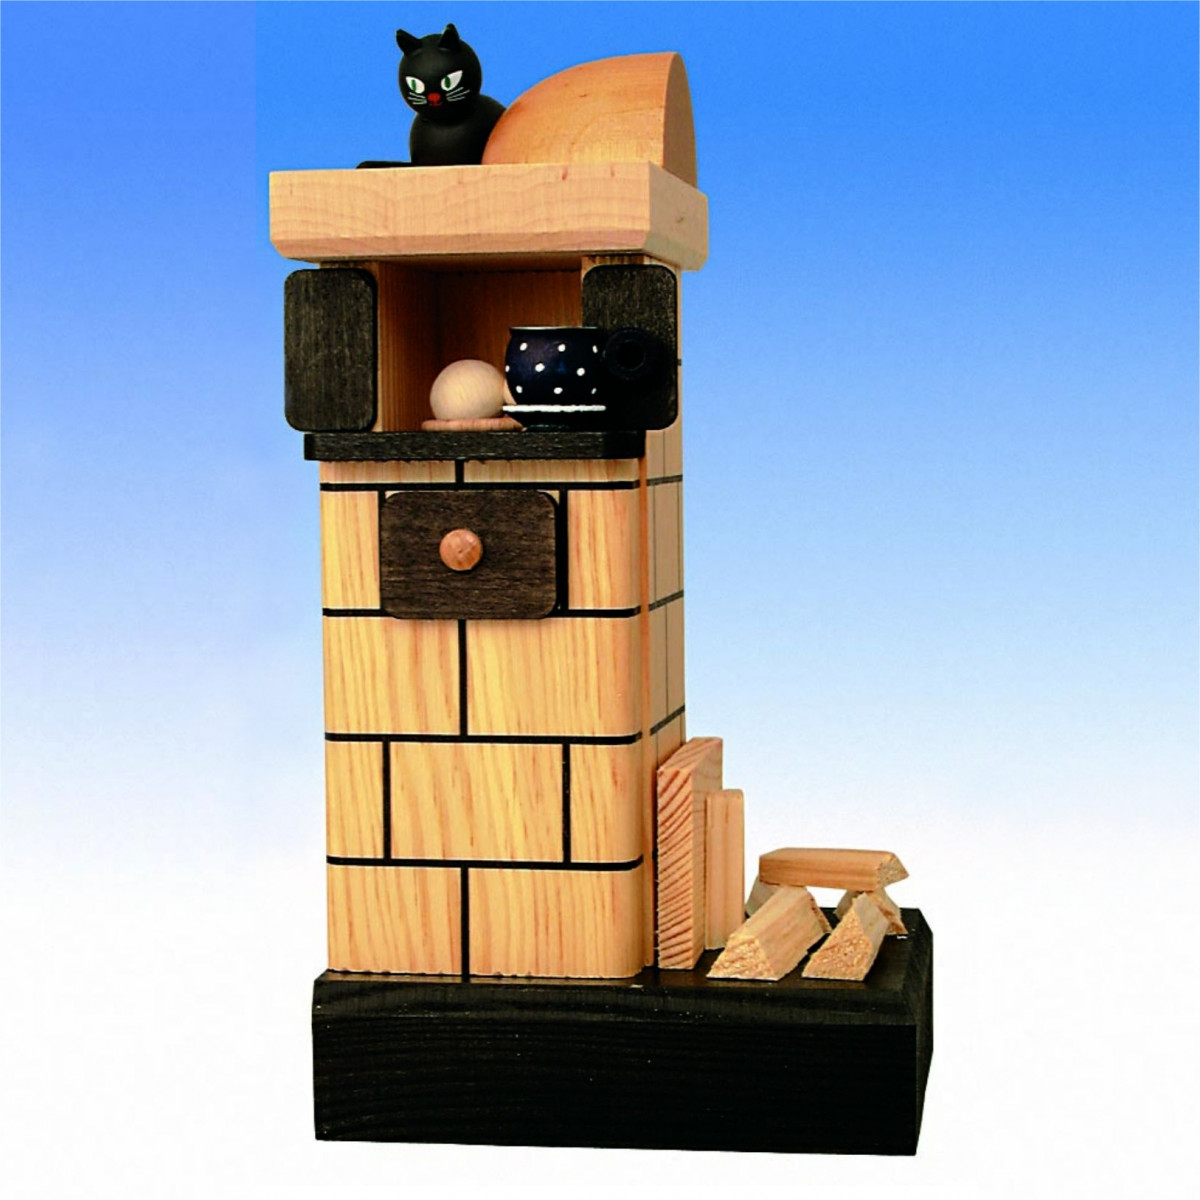 r ucherofen kachelofen natur rauchend mit holz. Black Bedroom Furniture Sets. Home Design Ideas